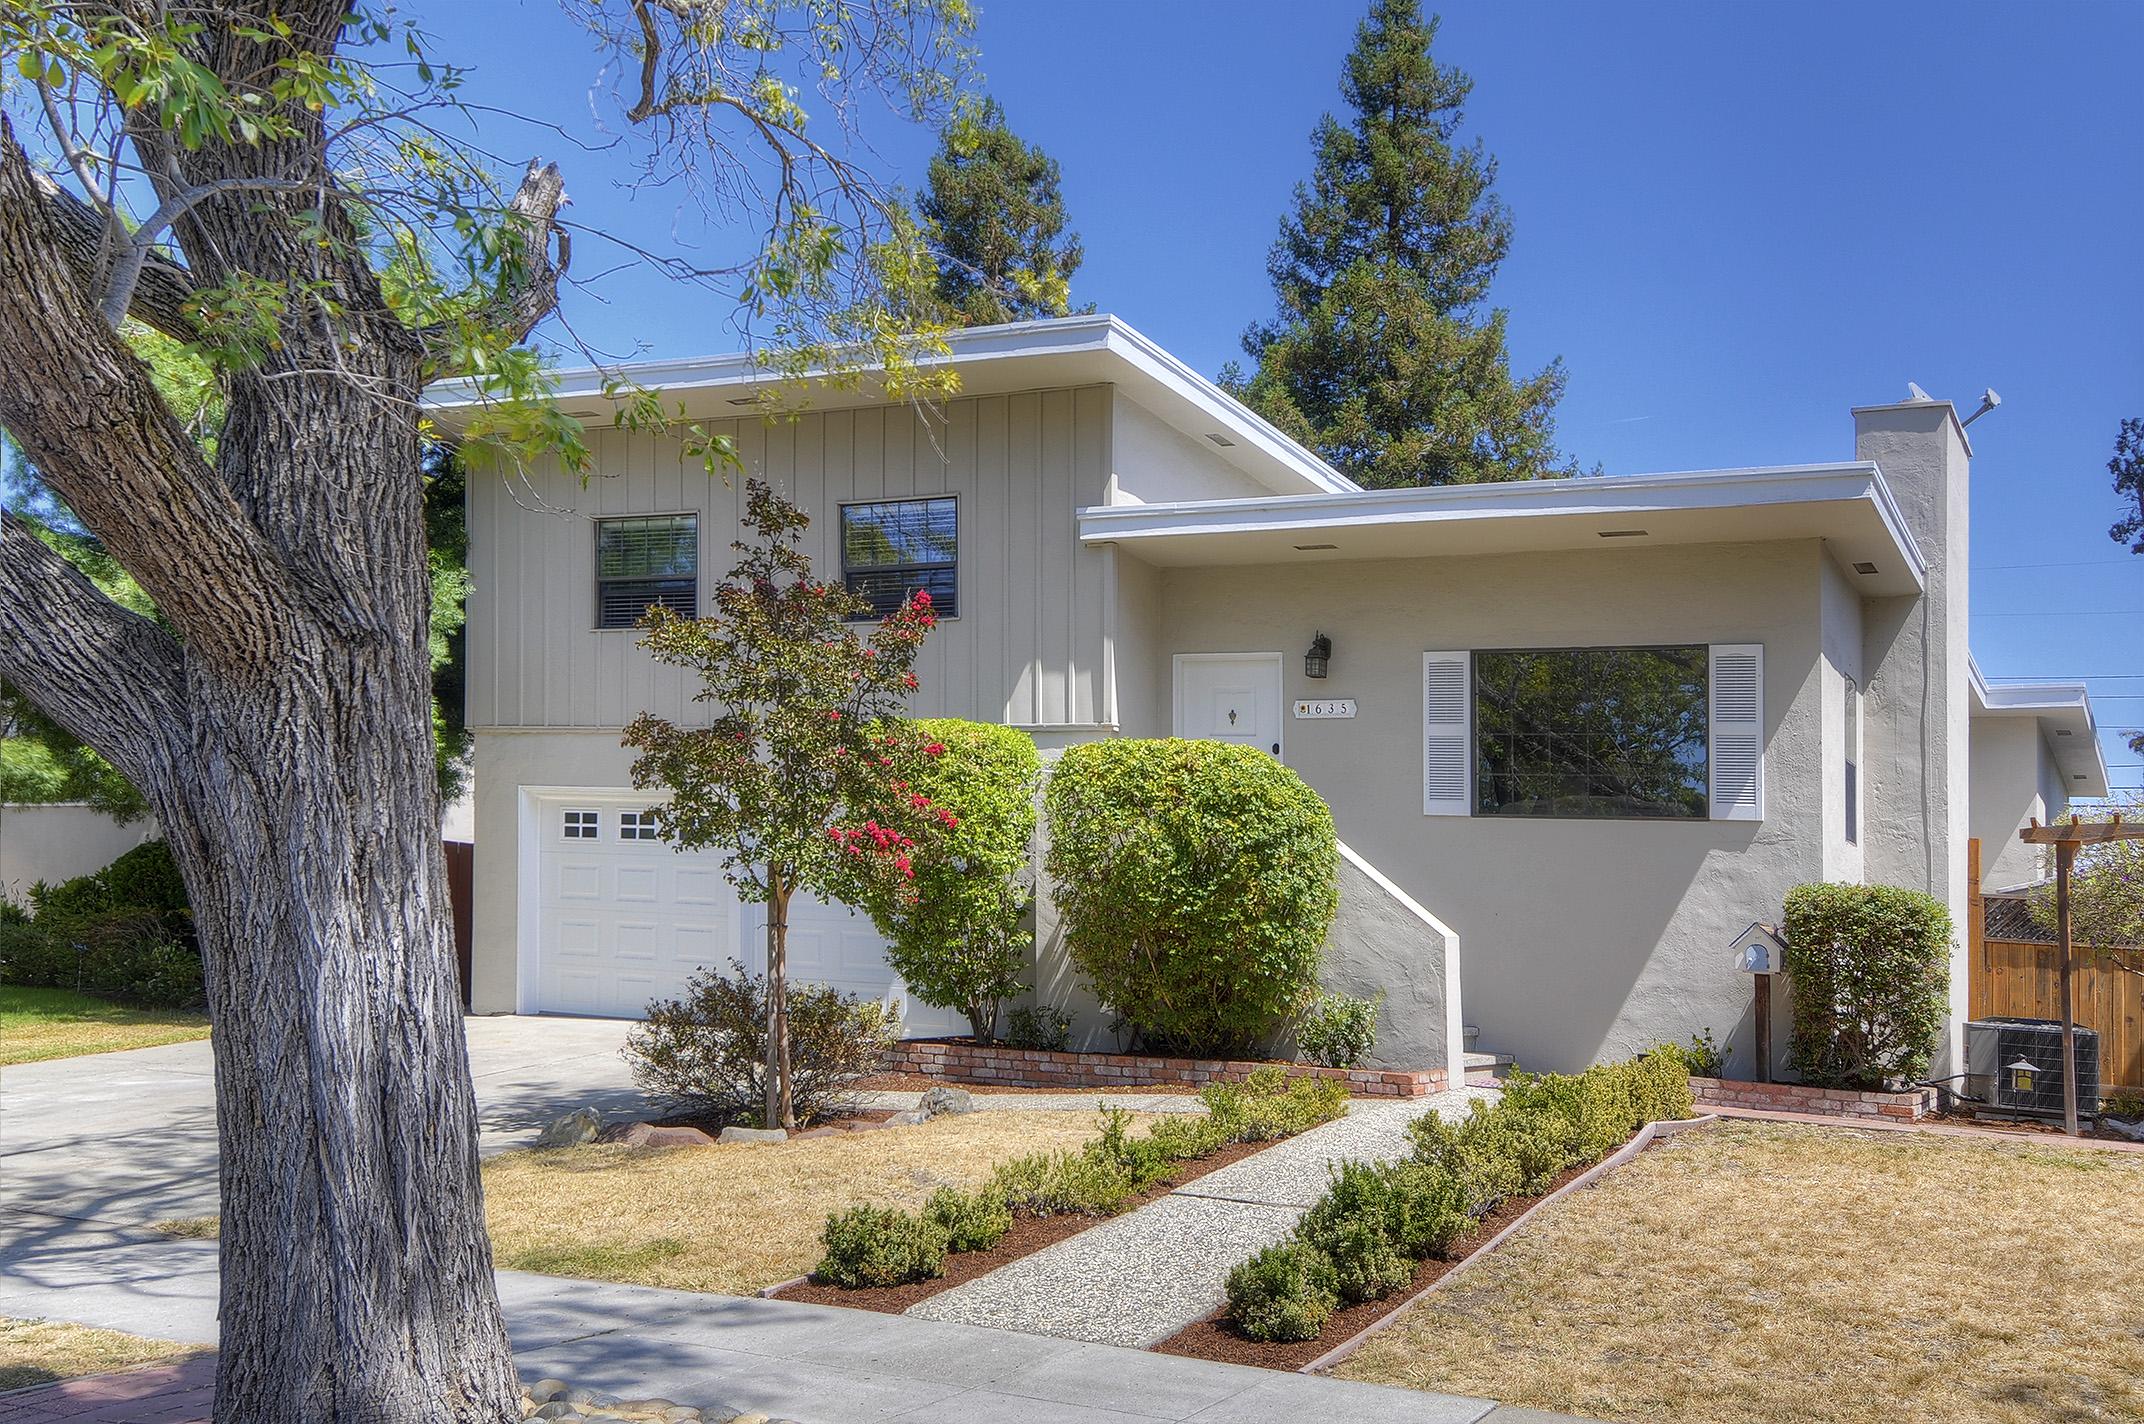 1635 Maddux Dr, Redwood City, CA 94061